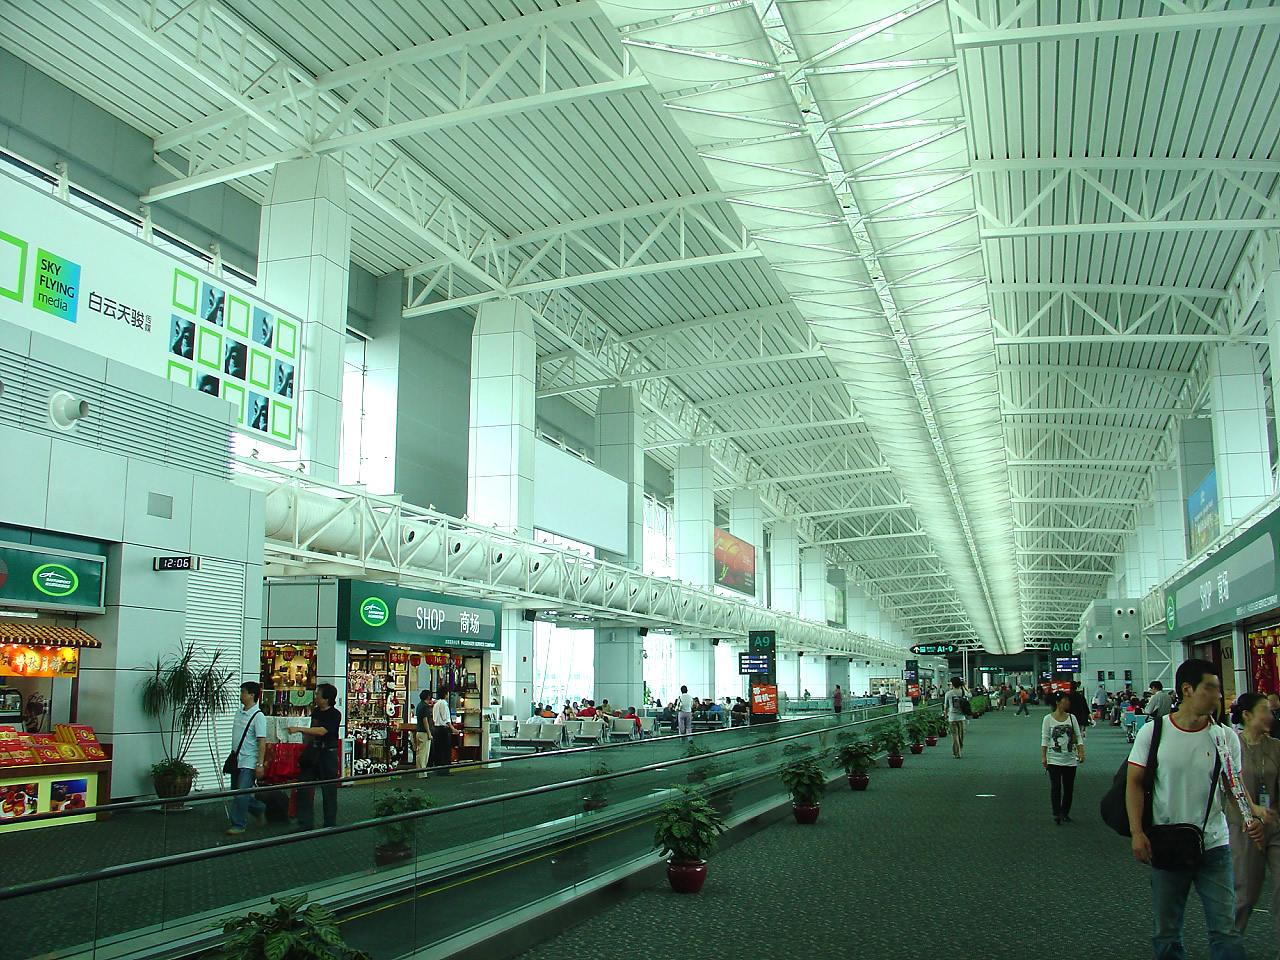 Aeroporto Guangzhou Arrive : Baiyun intl airport